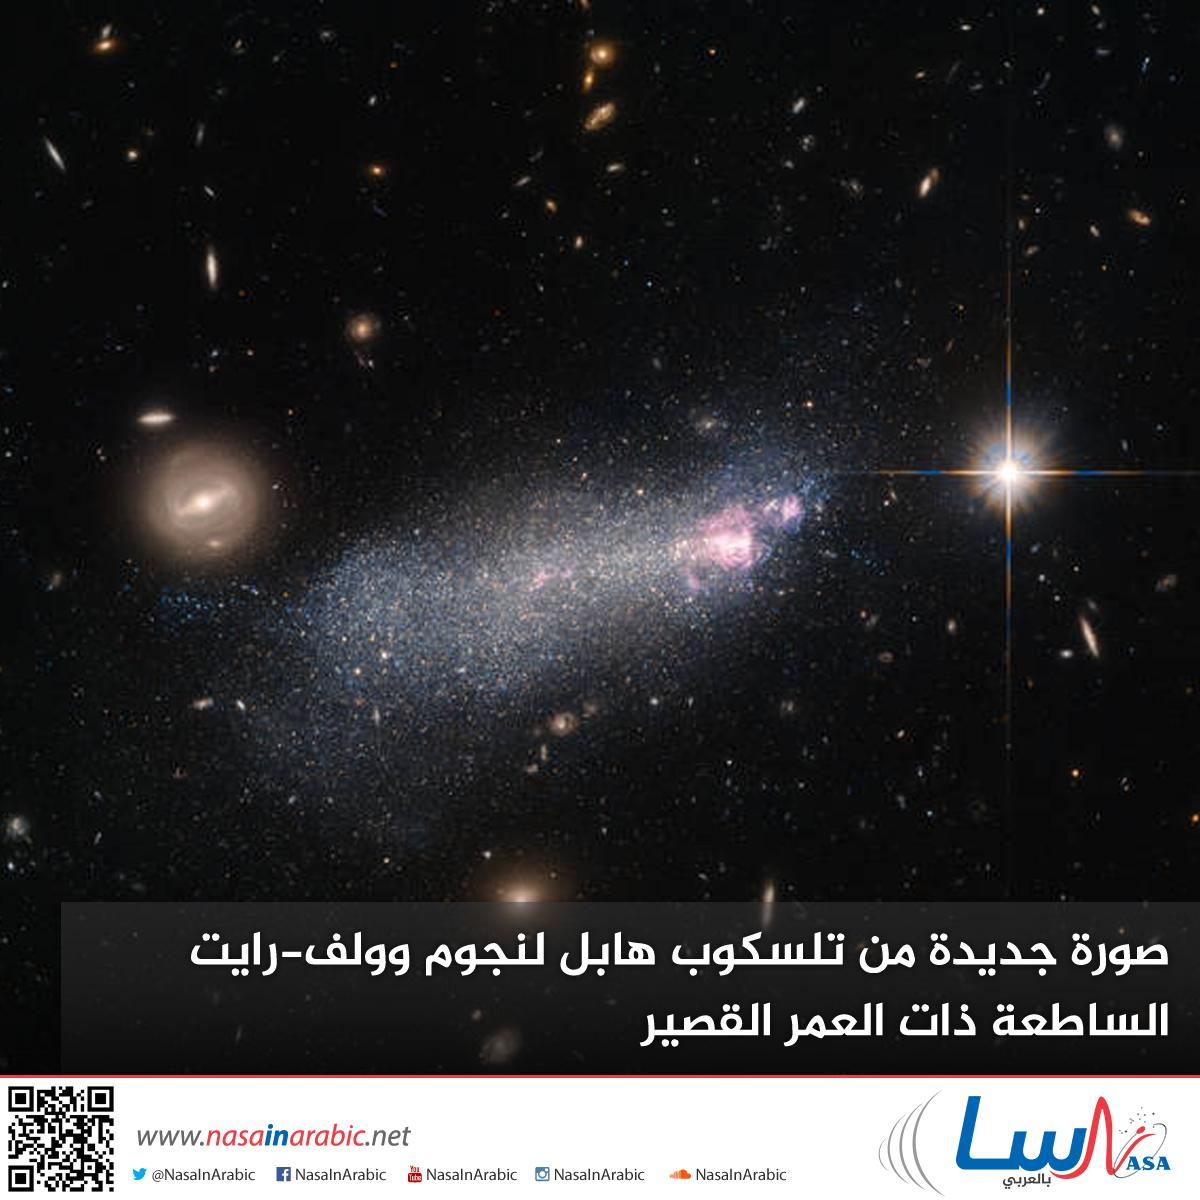 صورة جديدة من تلسكوب هابل لنجوم وولف-رايت الساطعة ذات العمر القصير